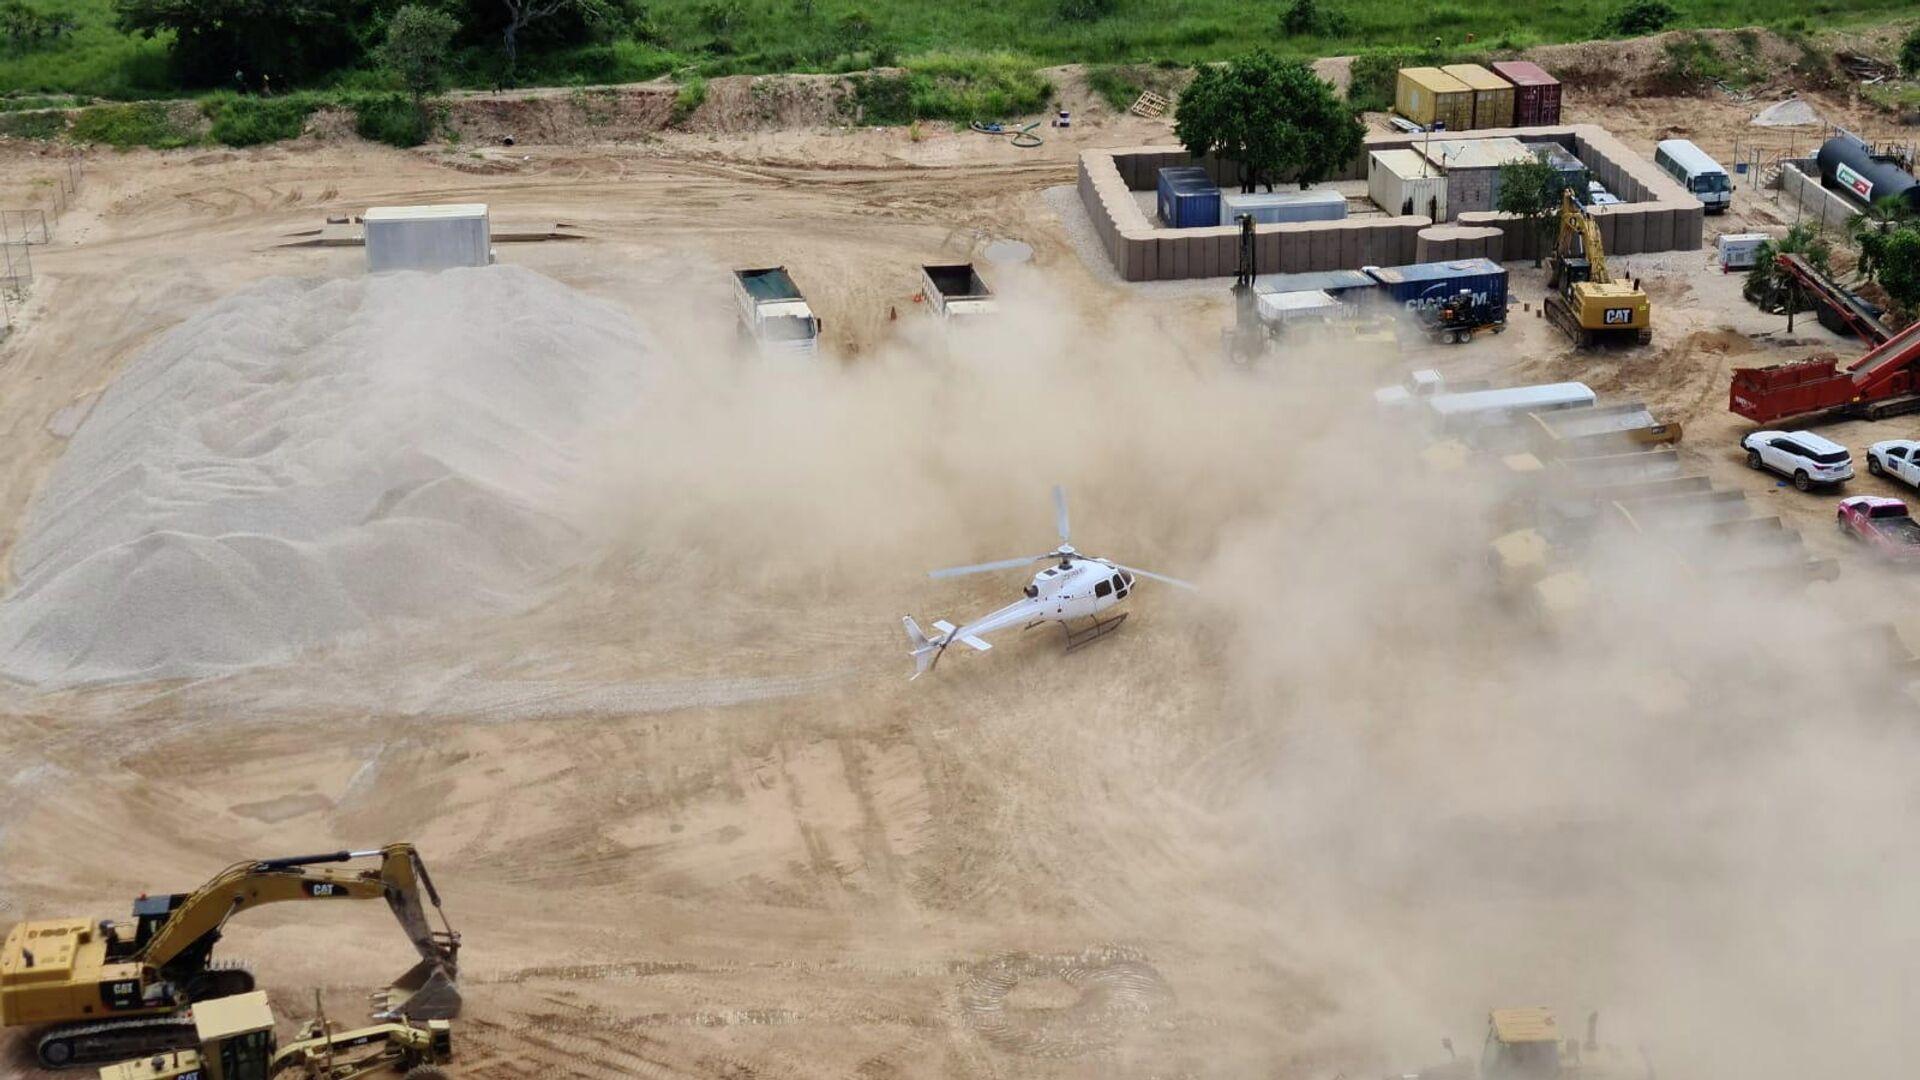 Вертолет Dyck Advisory Group приземляется в Пальме, Мозамбик - РИА Новости, 1920, 31.03.2021